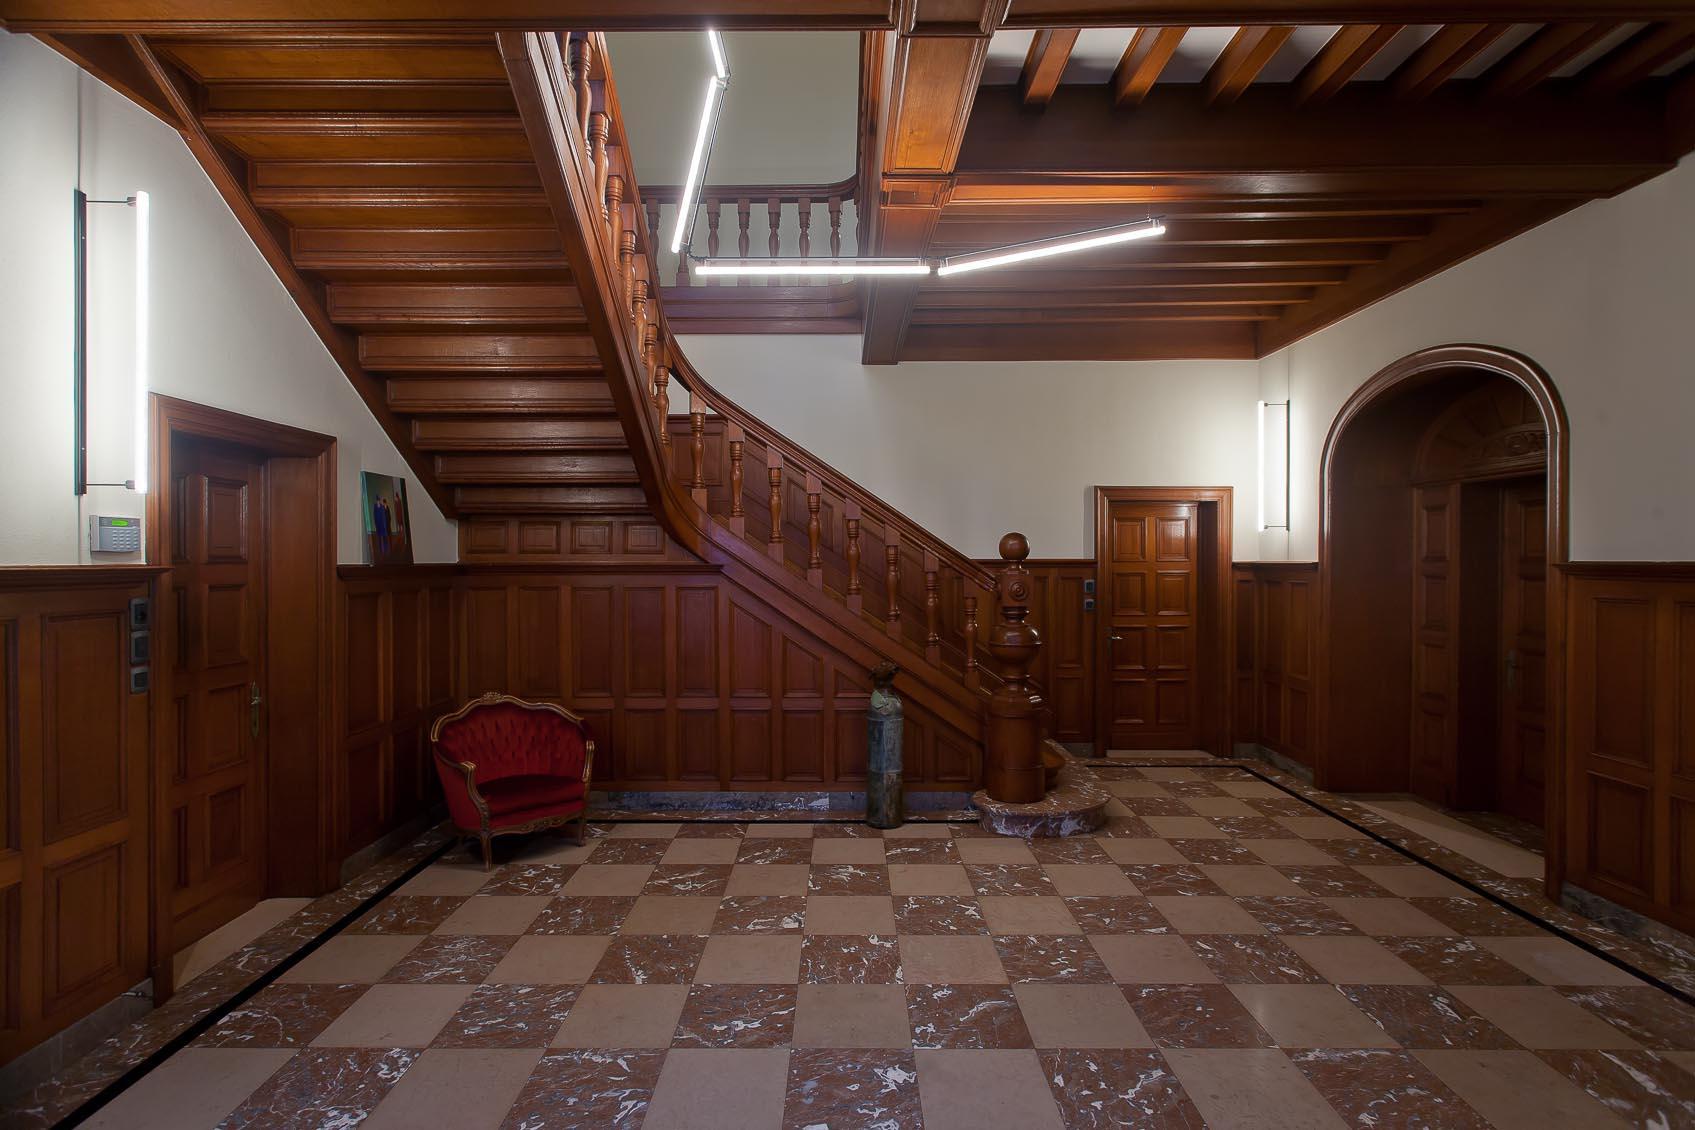 Sfeer door licht in authetiek kasteelruimte door maatwerk lichtoplossing linestra's van Jan Pauwels